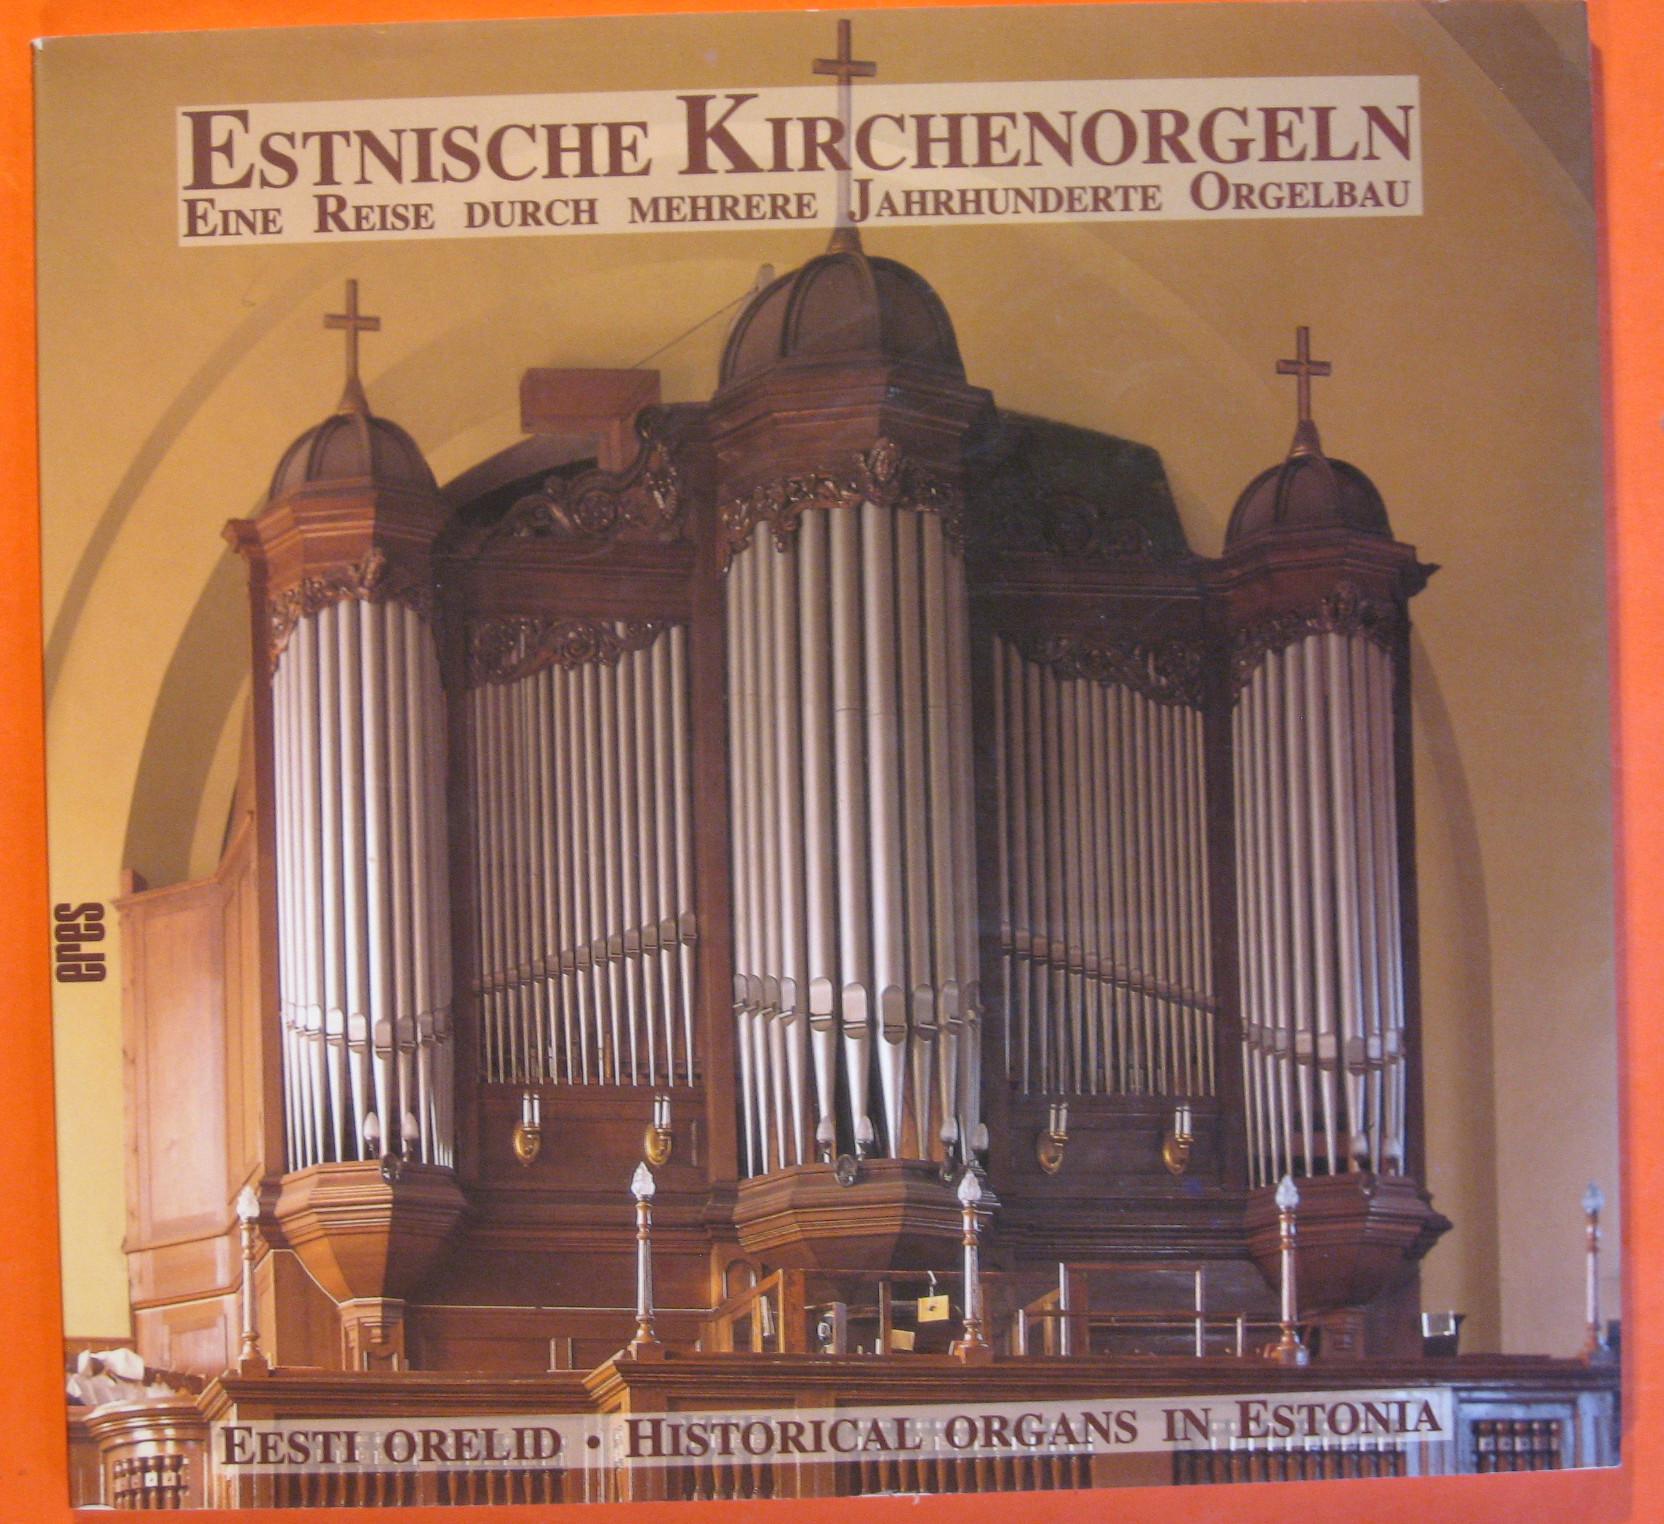 Historische Estnische Kirchenorgeln = Eesti orelid = Historical organs in Estonia